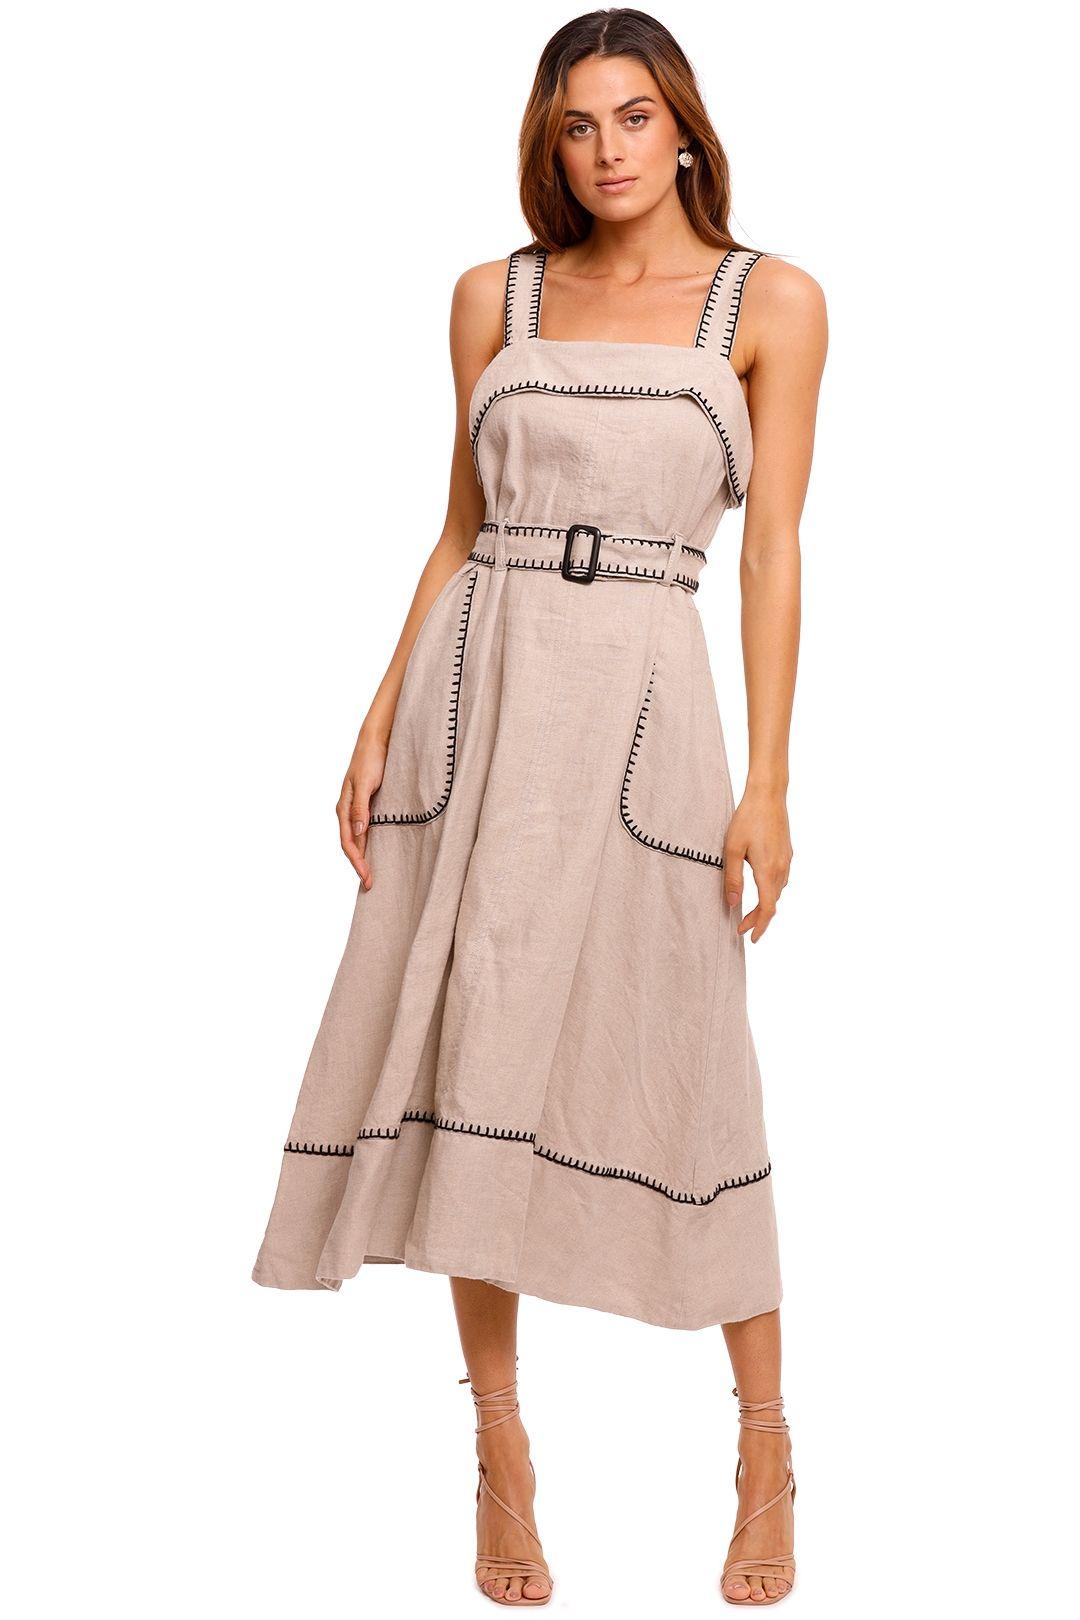 Morrison Marilyn Sleeveless Linen Dress midi